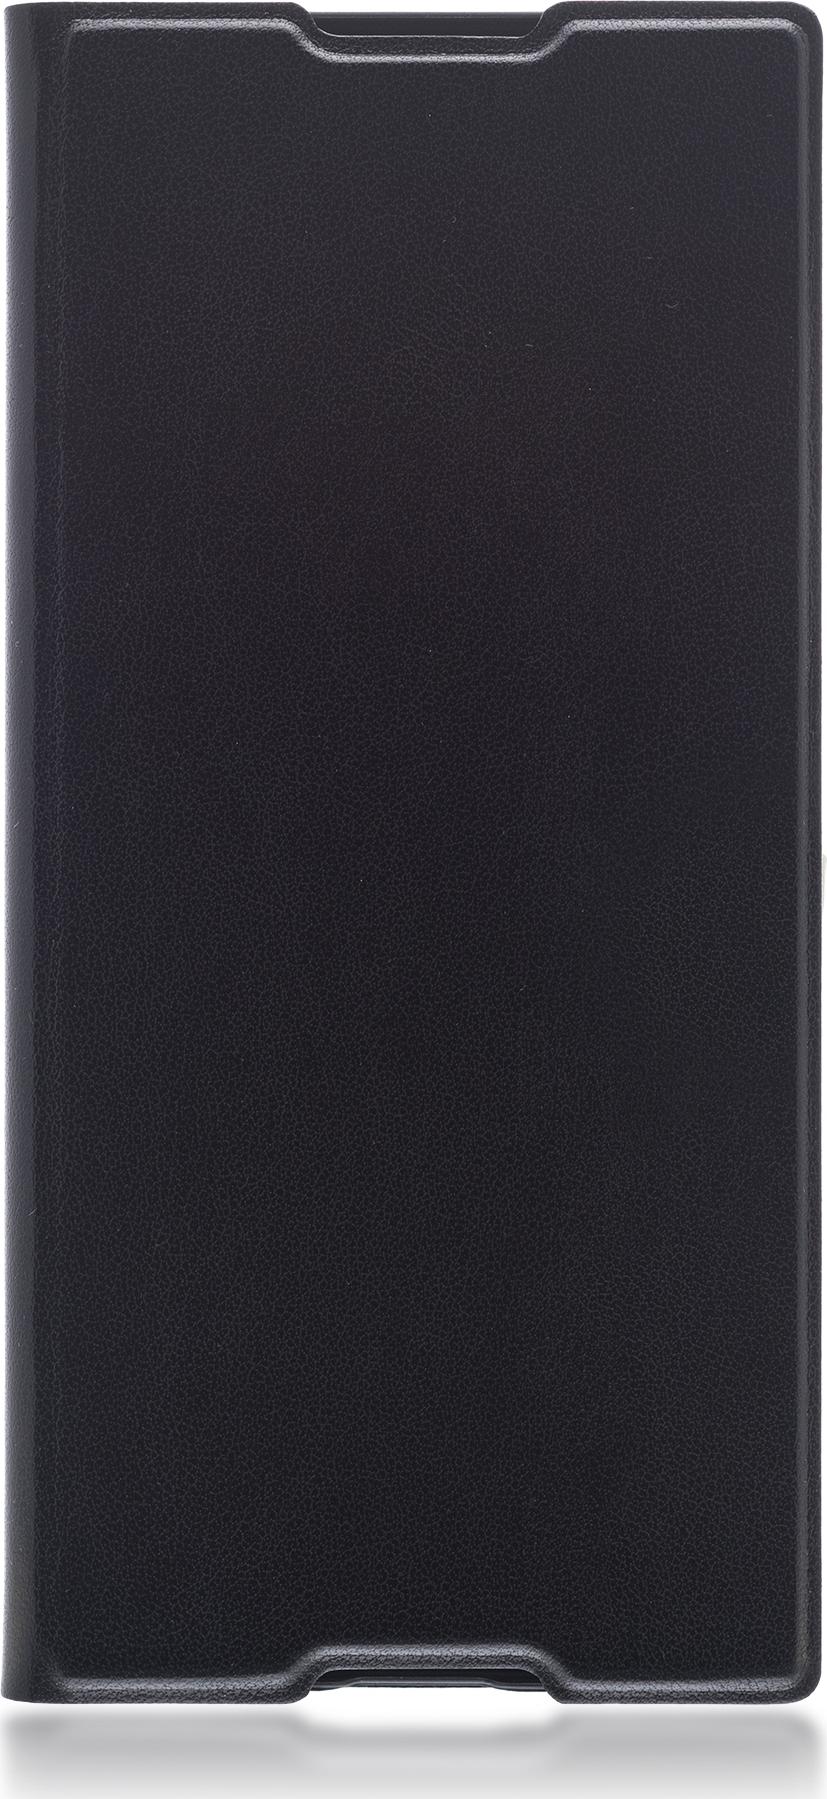 Чехол Brosco Book для Sony Xperia XA1, черный чехол для sony i4213 xperia 10 plus brosco силиконовая накладка черный